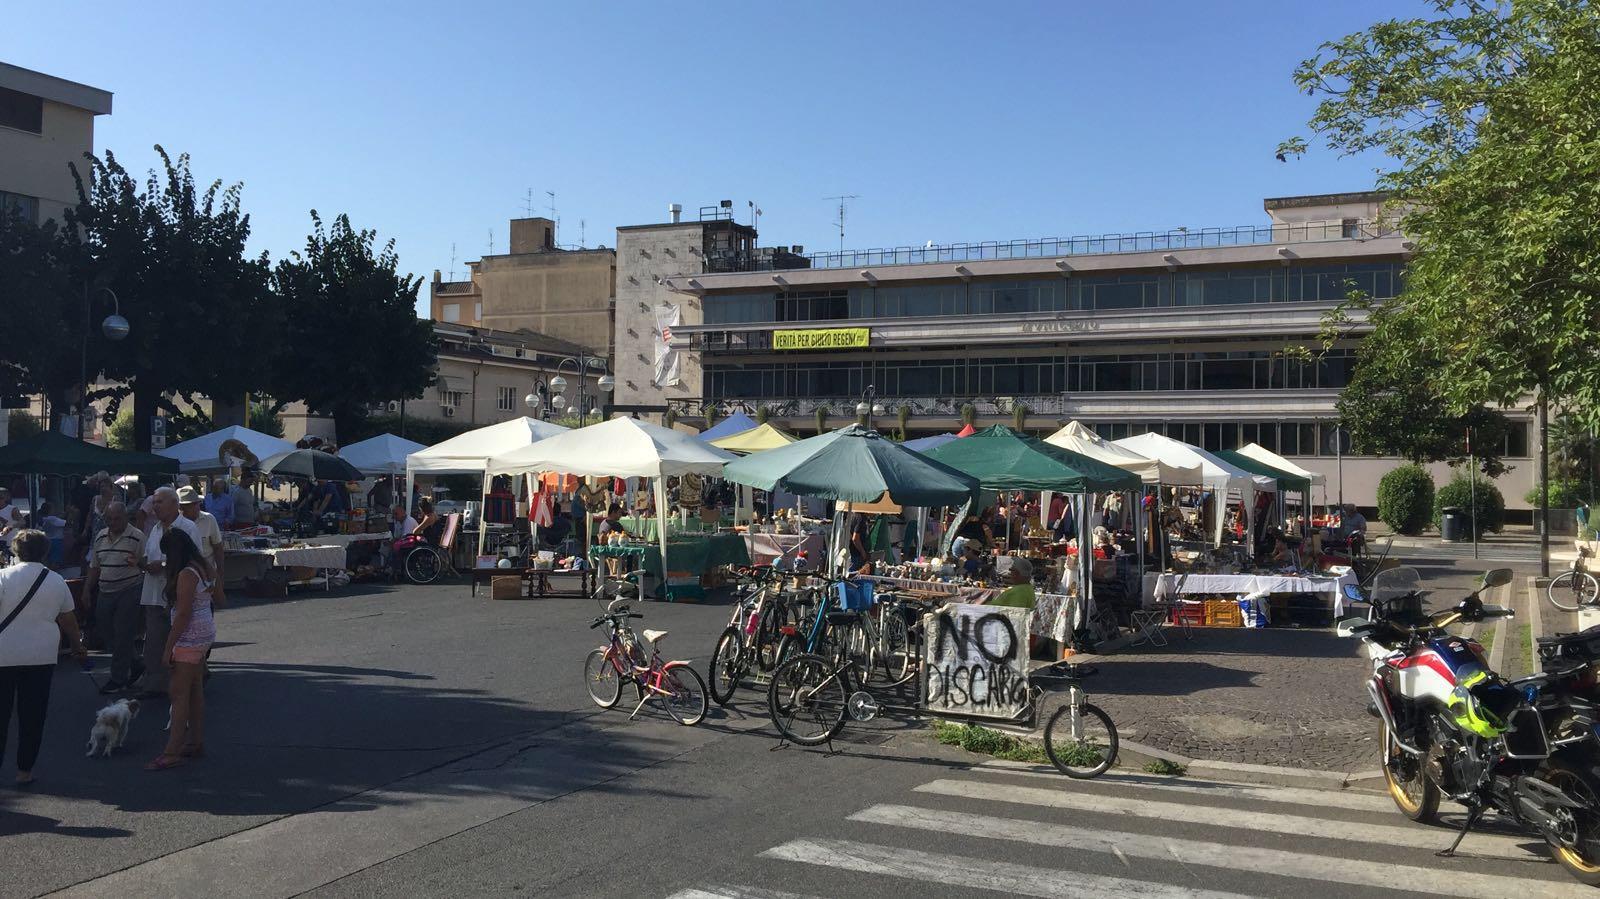 Mercatino di aprilia tra stand colorati e proteste news for Il mercatino roma